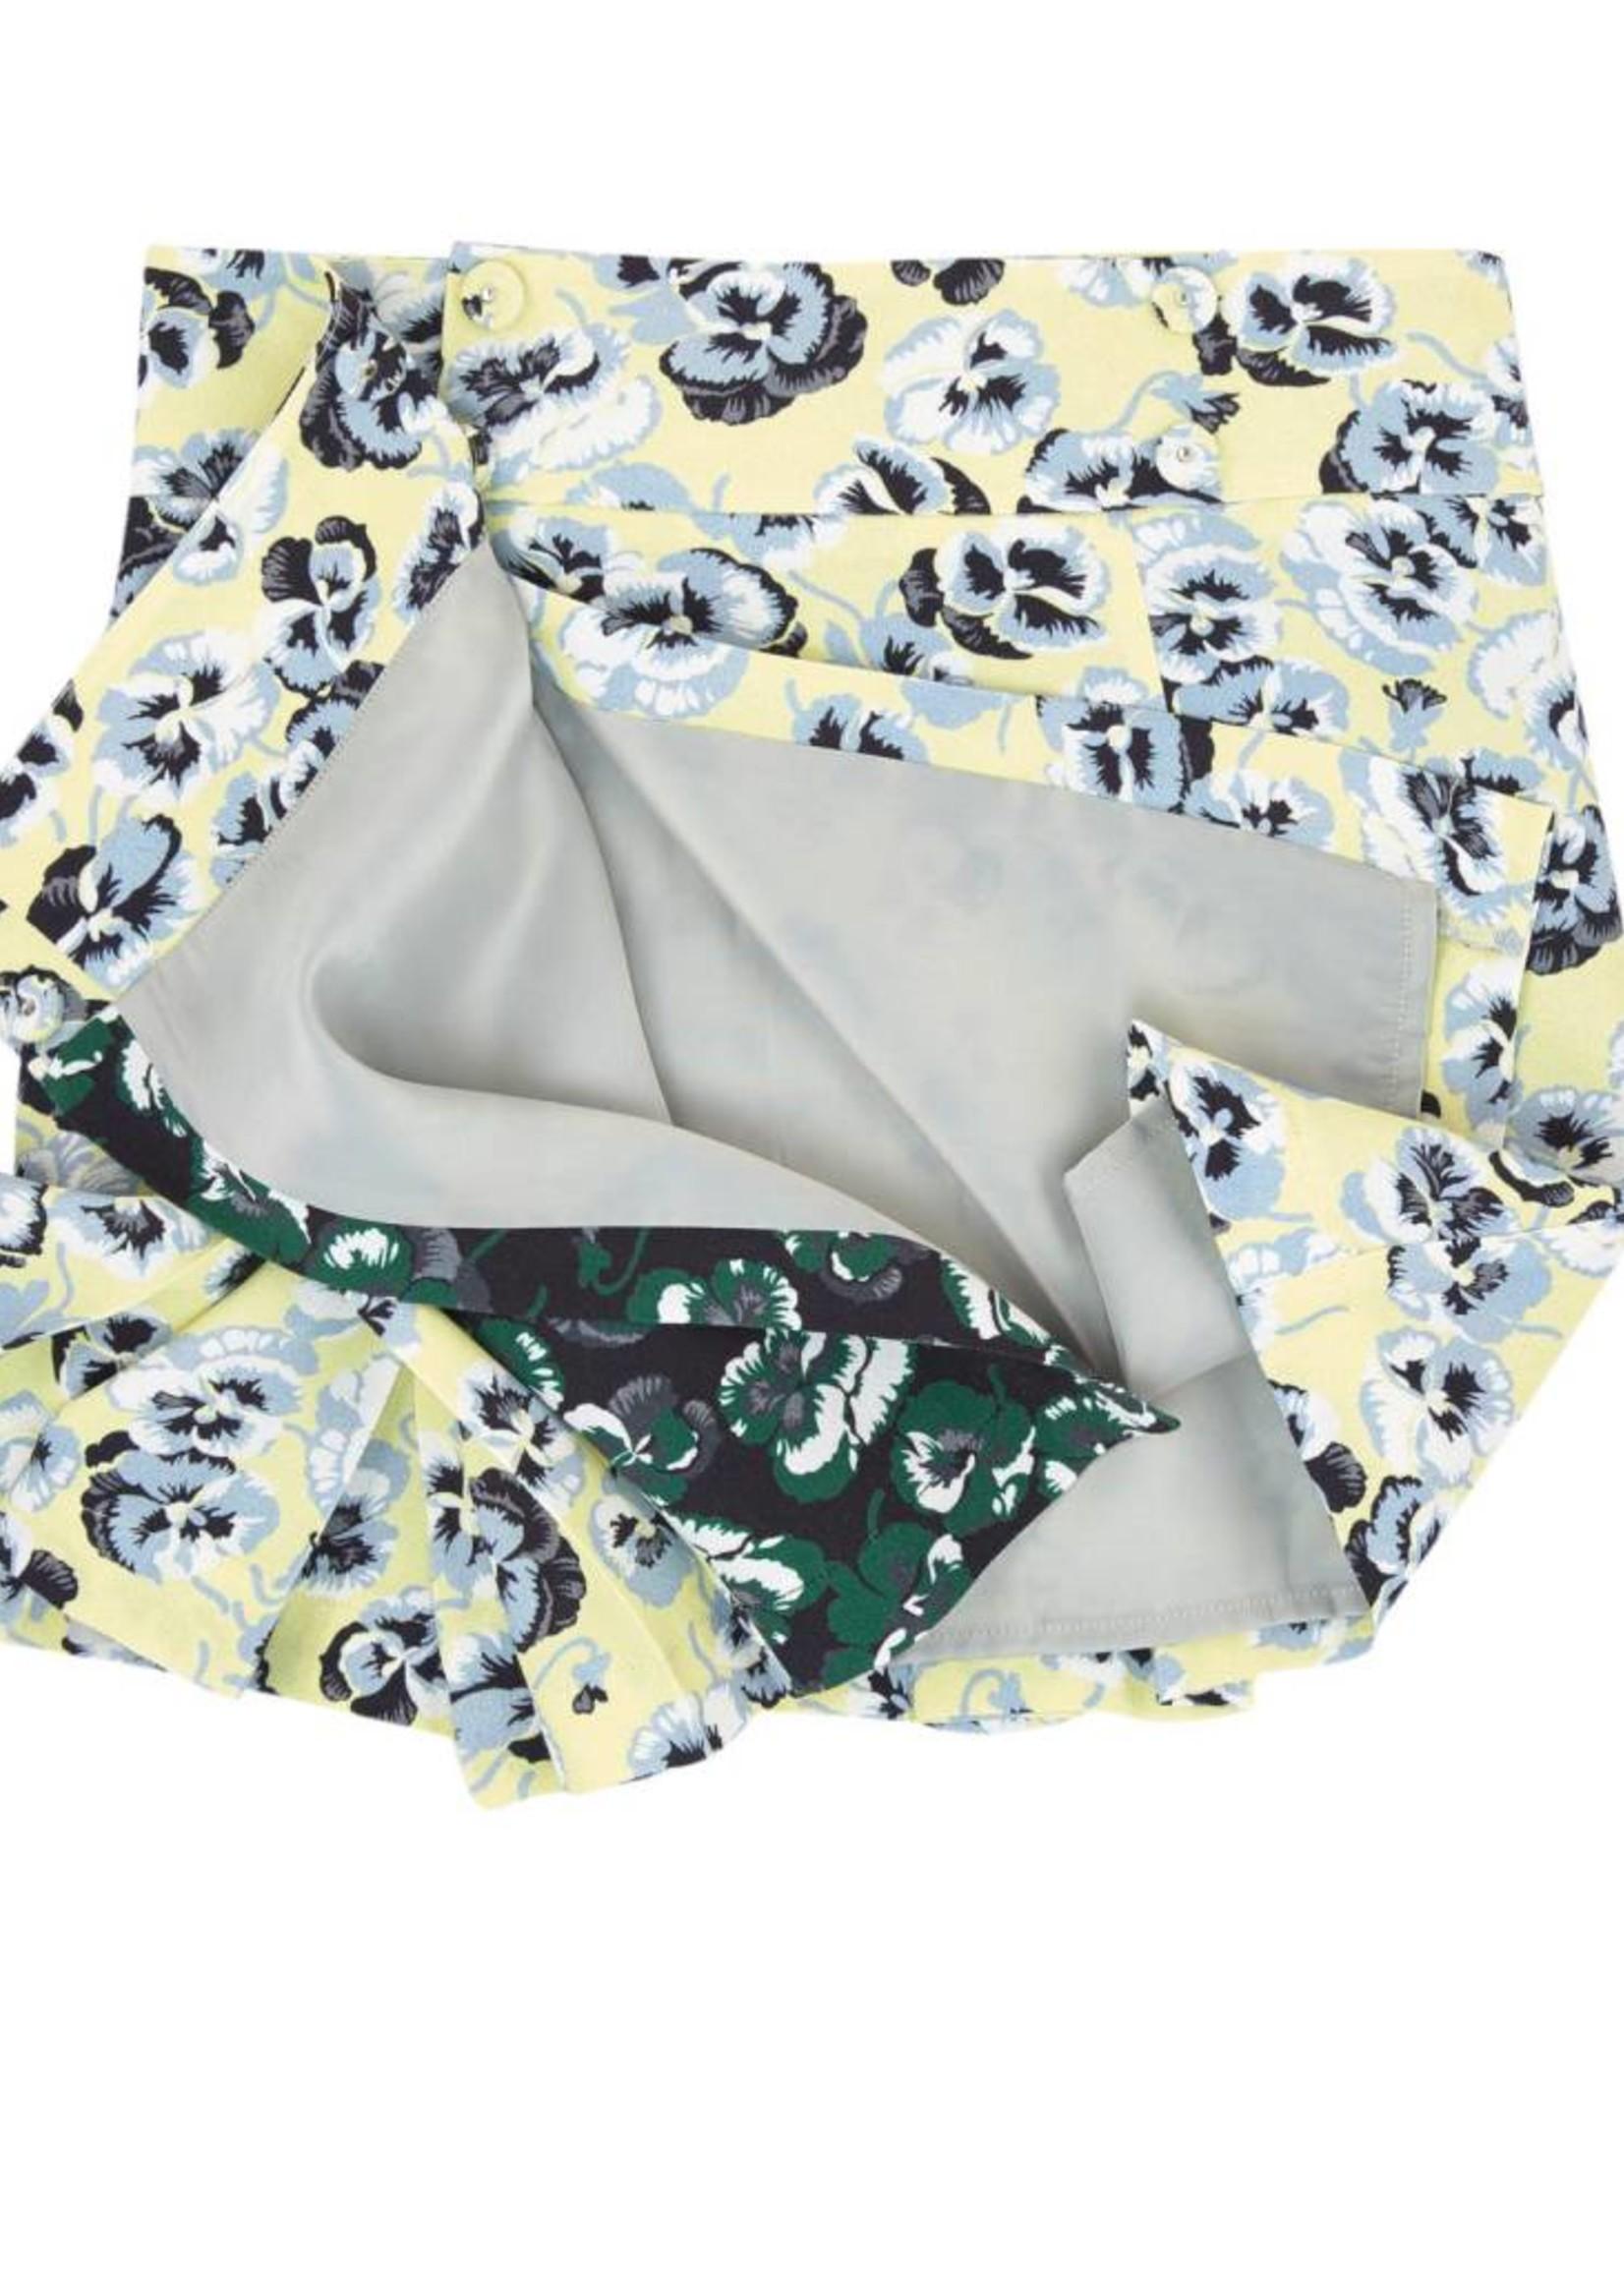 Marni Marni Girl Flower Skirt